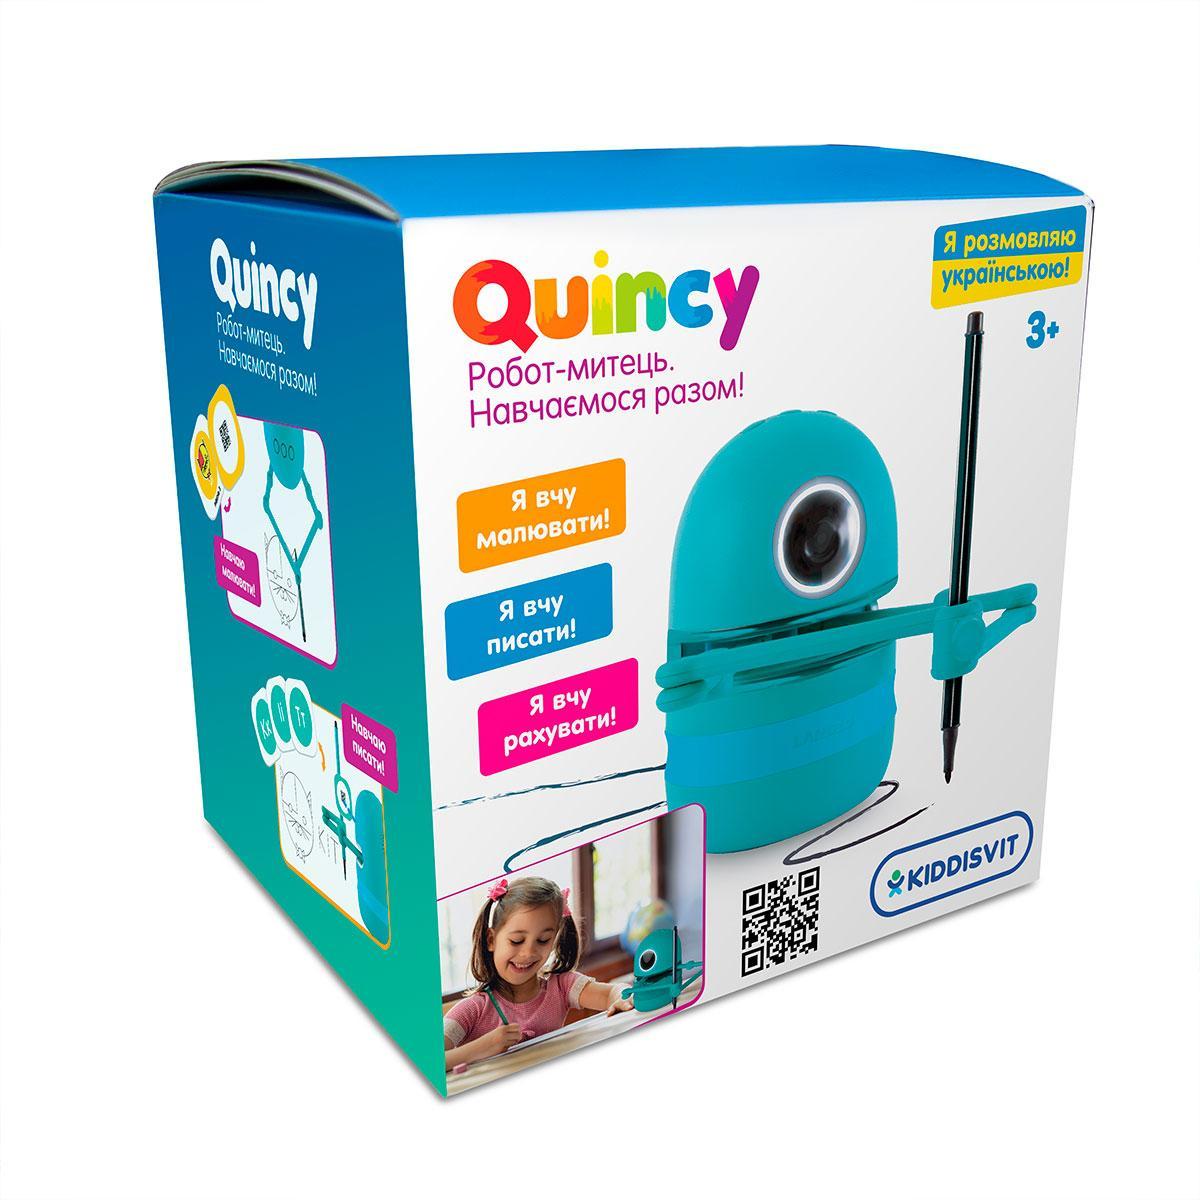 Обучающий робот художник - Квинси (укр. язык) Quincy Landzo MS.06.0015-U